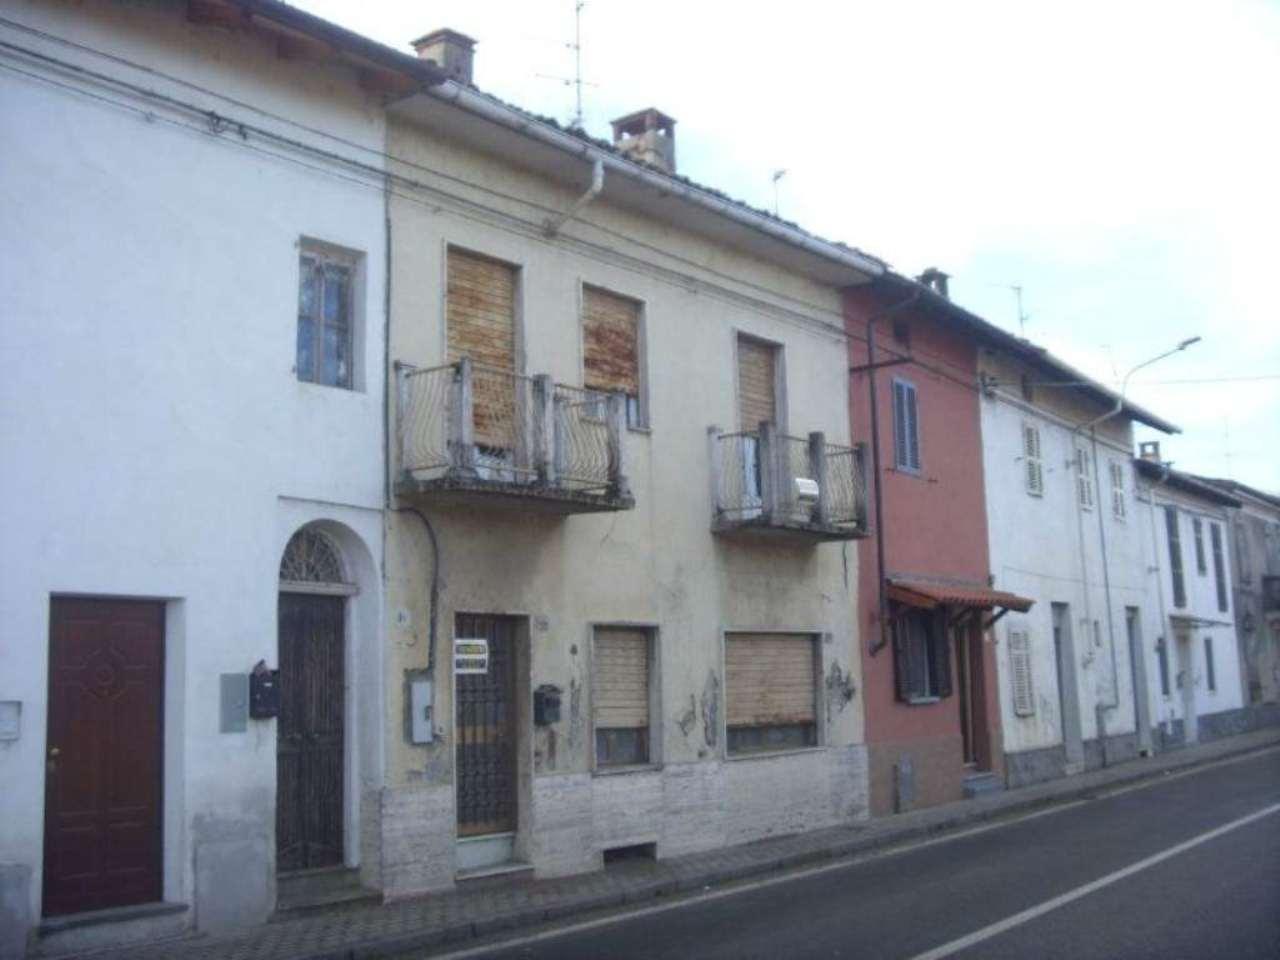 Palazzo / Stabile in vendita a Ronsecco, 4 locali, prezzo € 60.000 | Cambio Casa.it